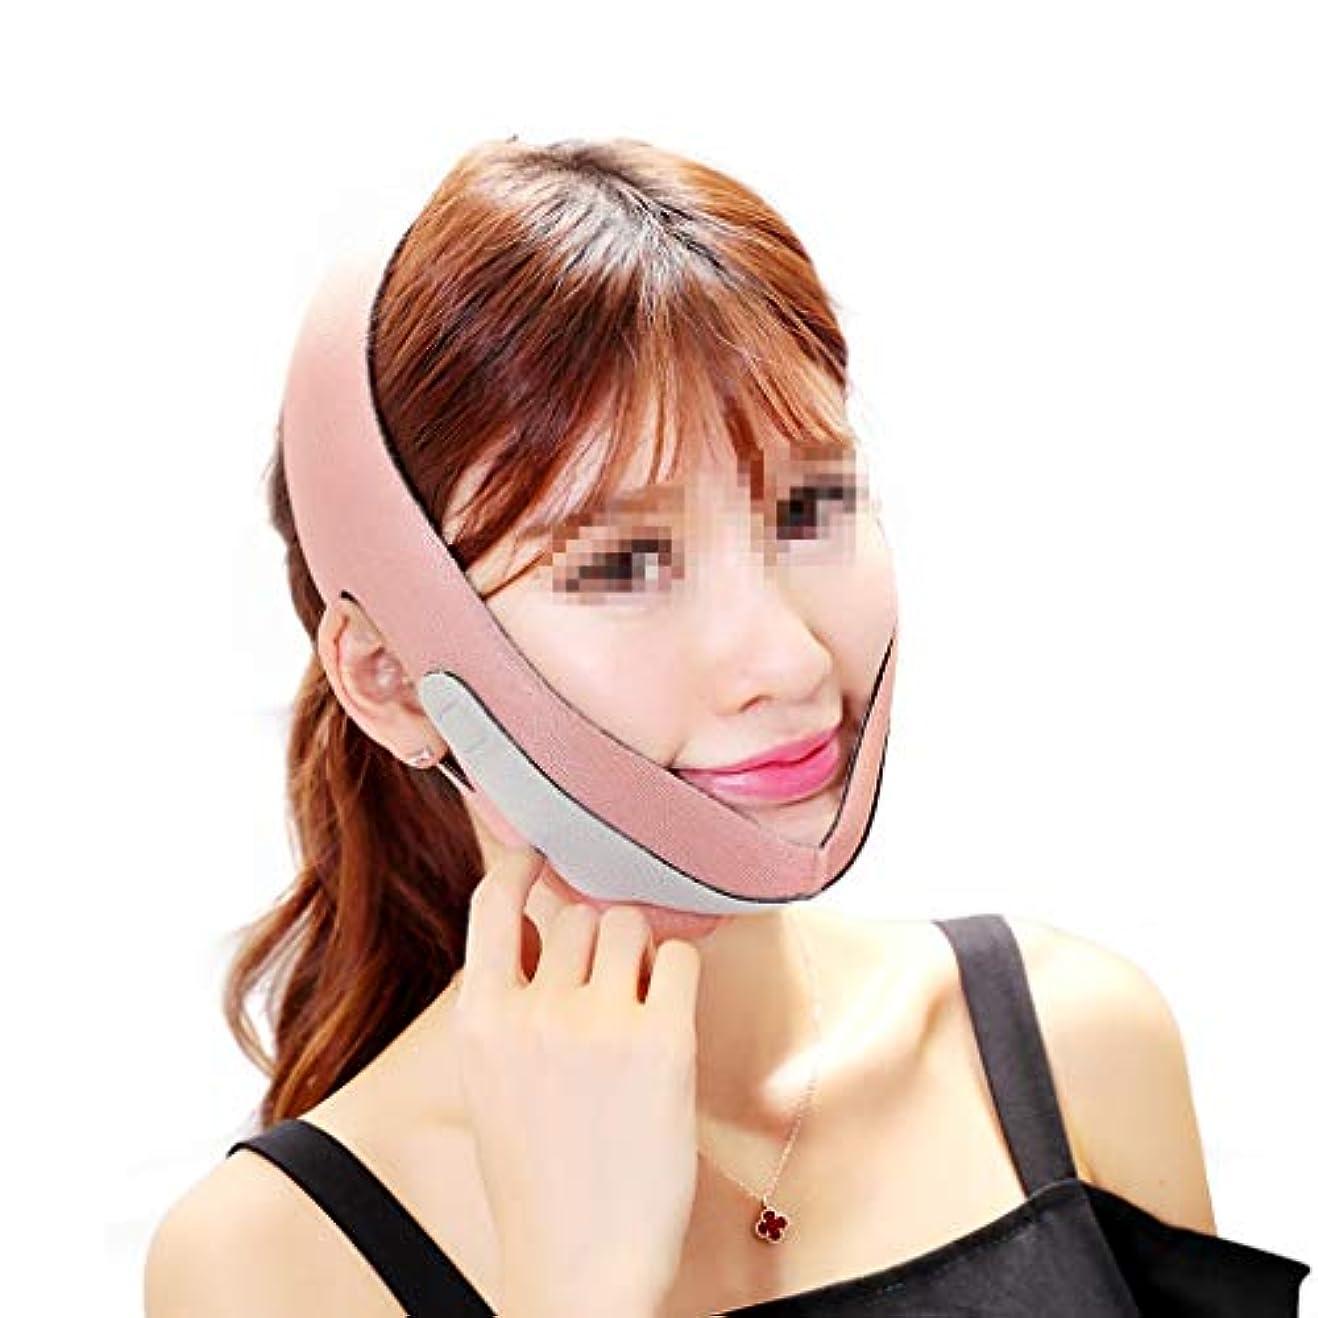 明快キャビンひどくフェイスリフトマスク、小さなVフェイス睡眠包帯マスクシンダブルチンリフト引き締め肌